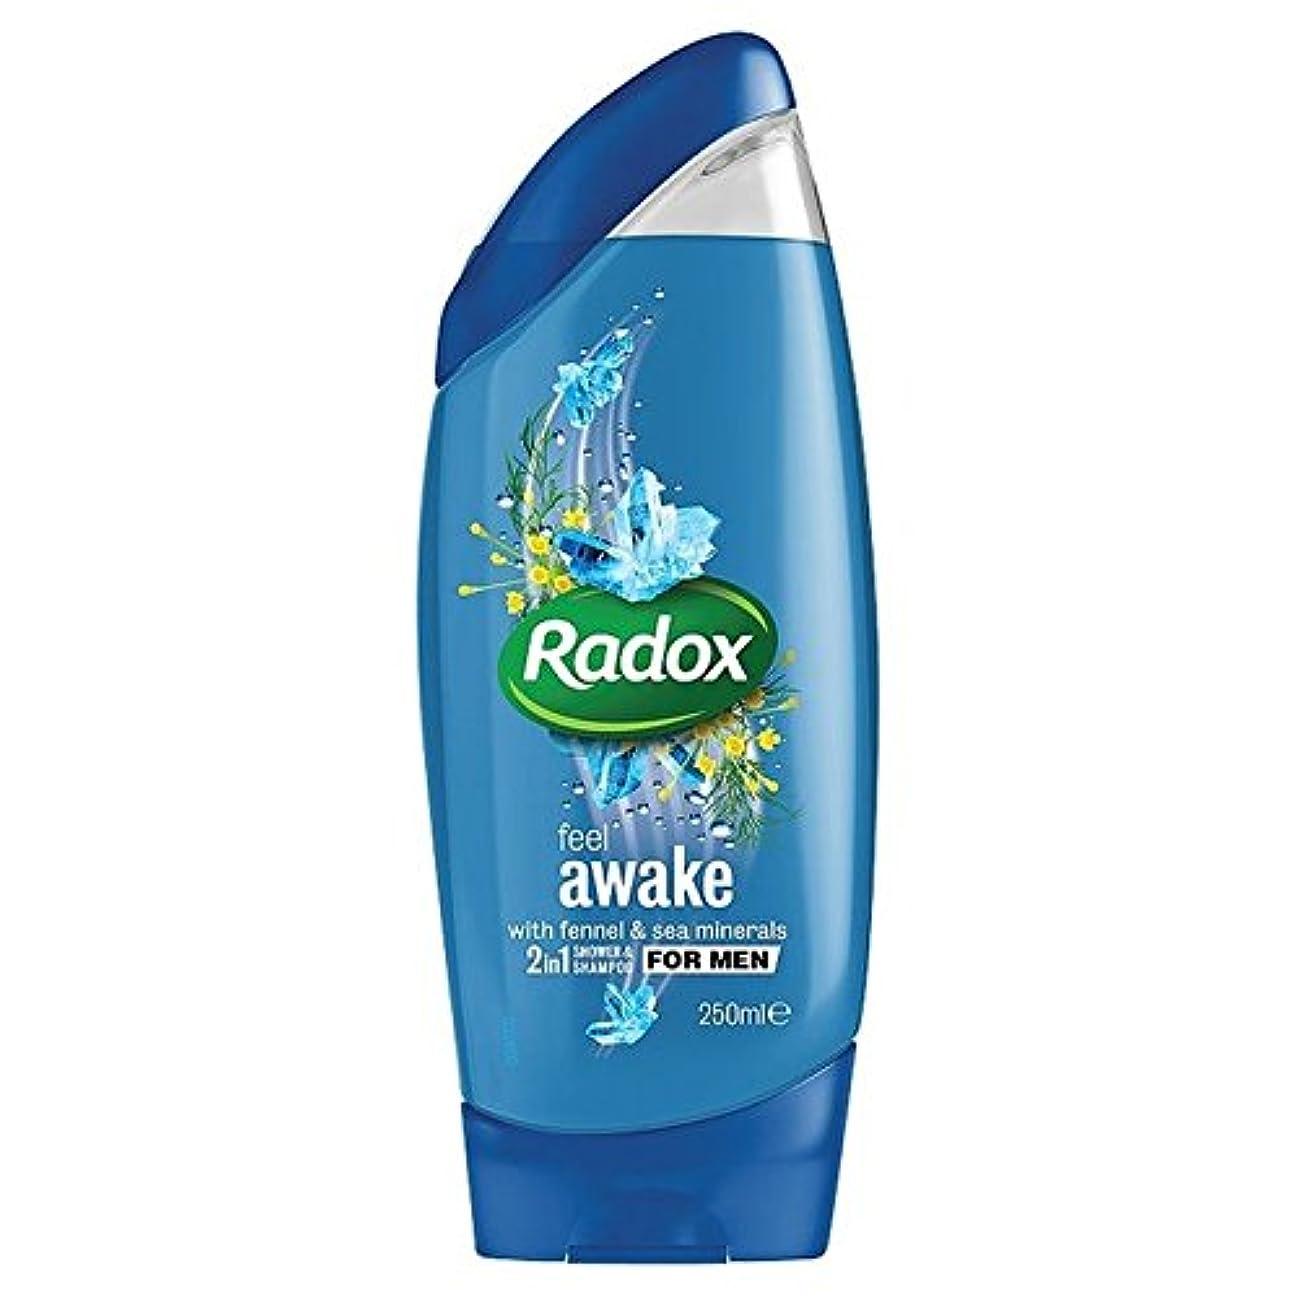 傾向有名スイッチは男性の21シャワージェル250ミリリットルのために目を覚まし感じ x2 - Radox Feel Awake for Men 2in1 Shower Gel 250ml (Pack of 2) [並行輸入品]